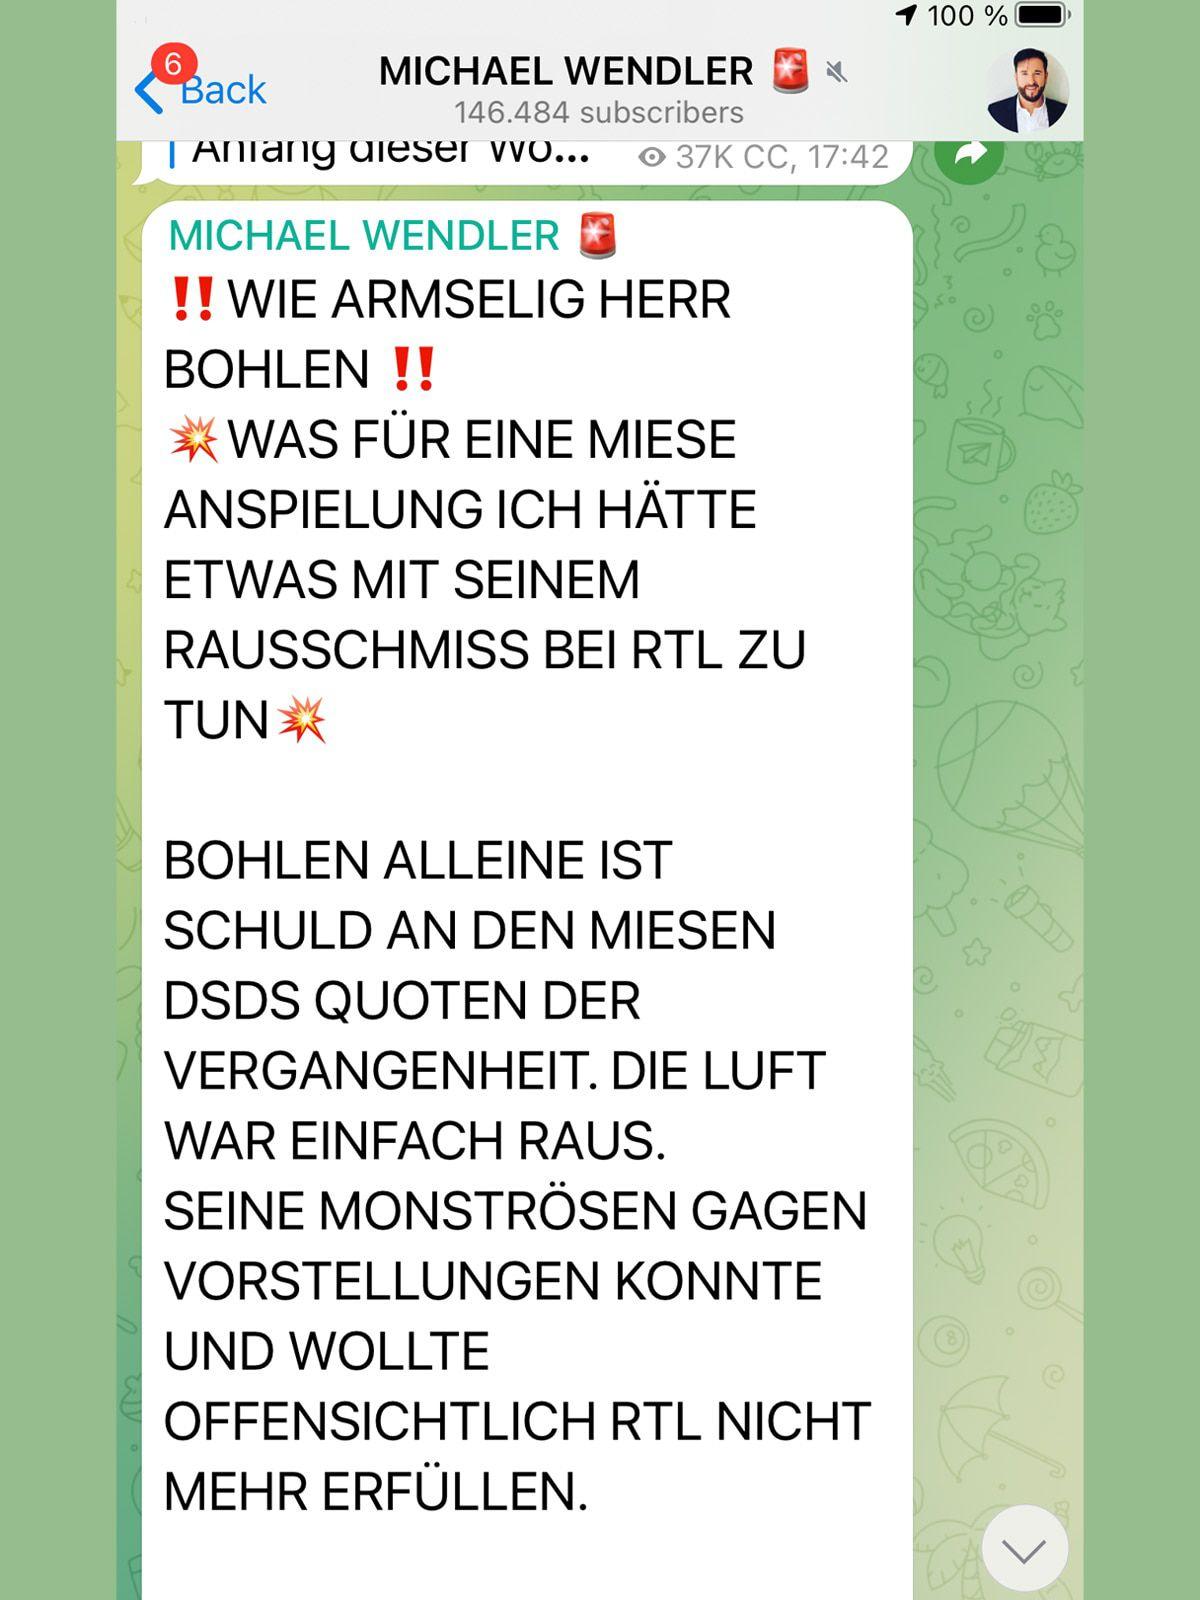 Michael Wendler feuert gegen Dieter Bohlen und RTL